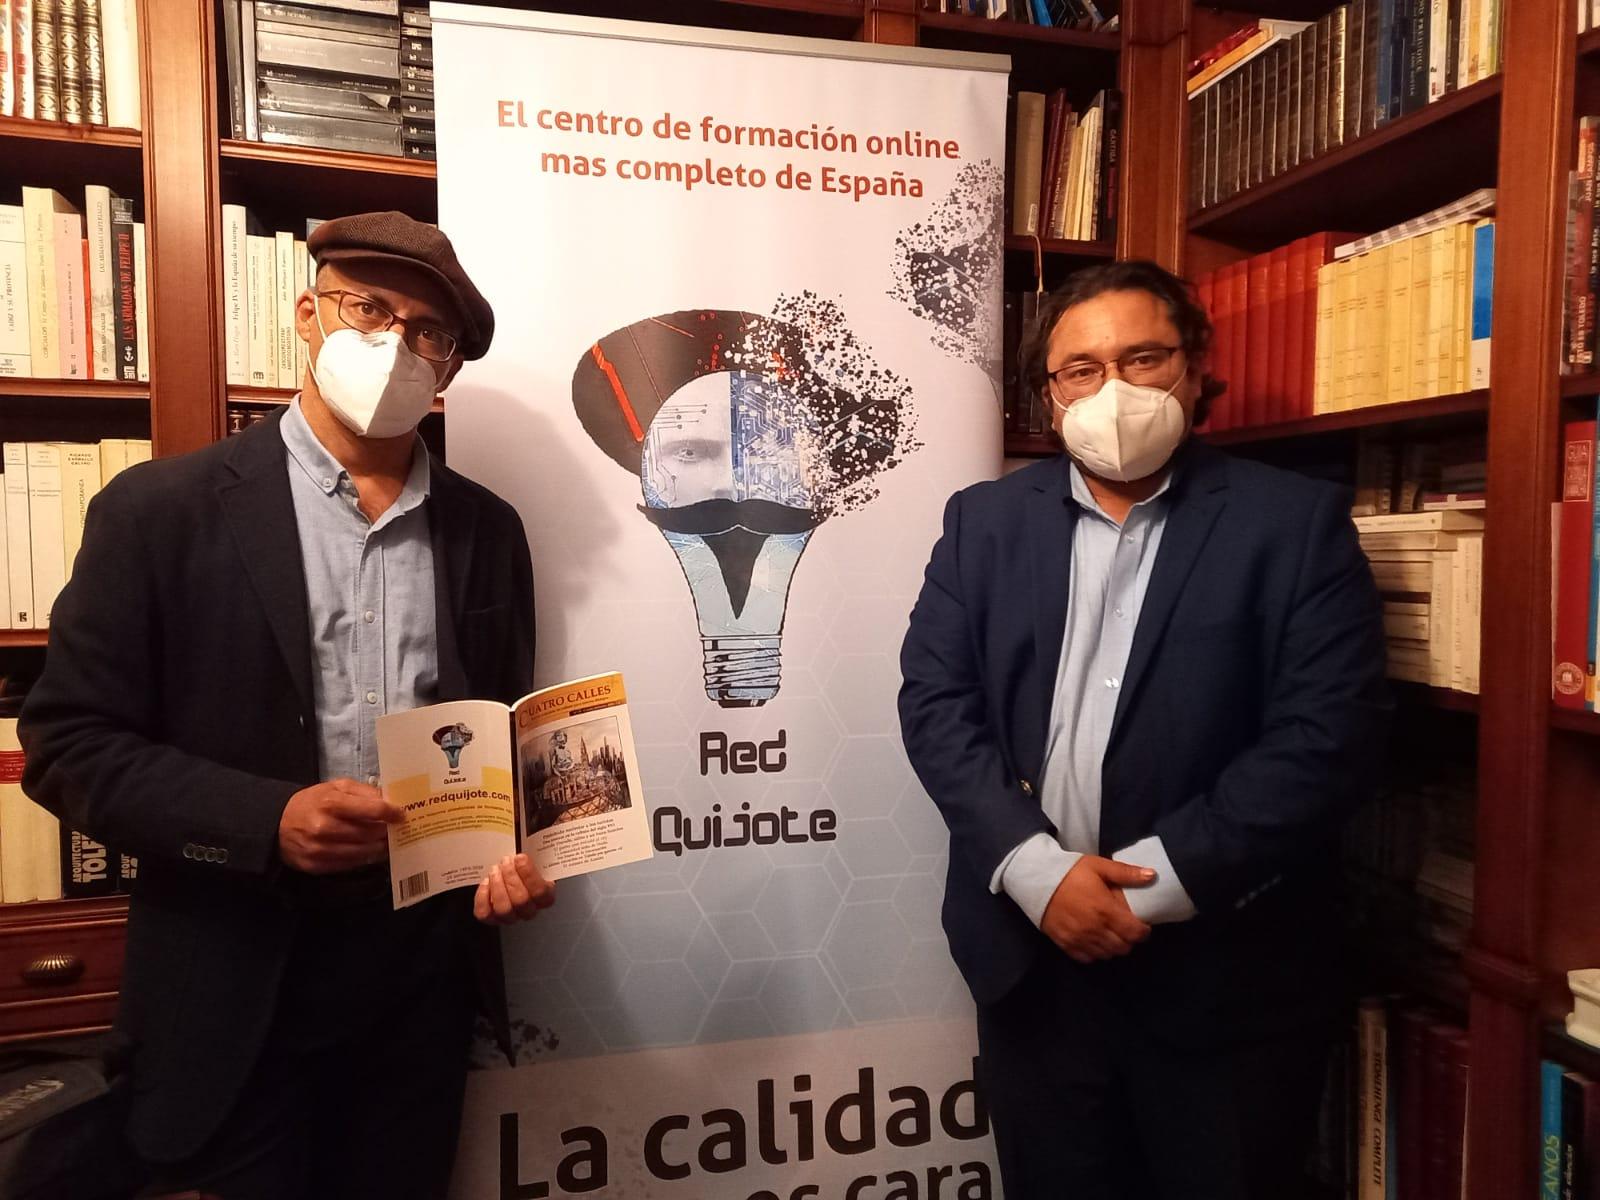 Grupo Red Quijote, CLMpress y Editorial Ledoria unen sus caminos para formar el mayor grupo cultural de Castilla-La Mancha